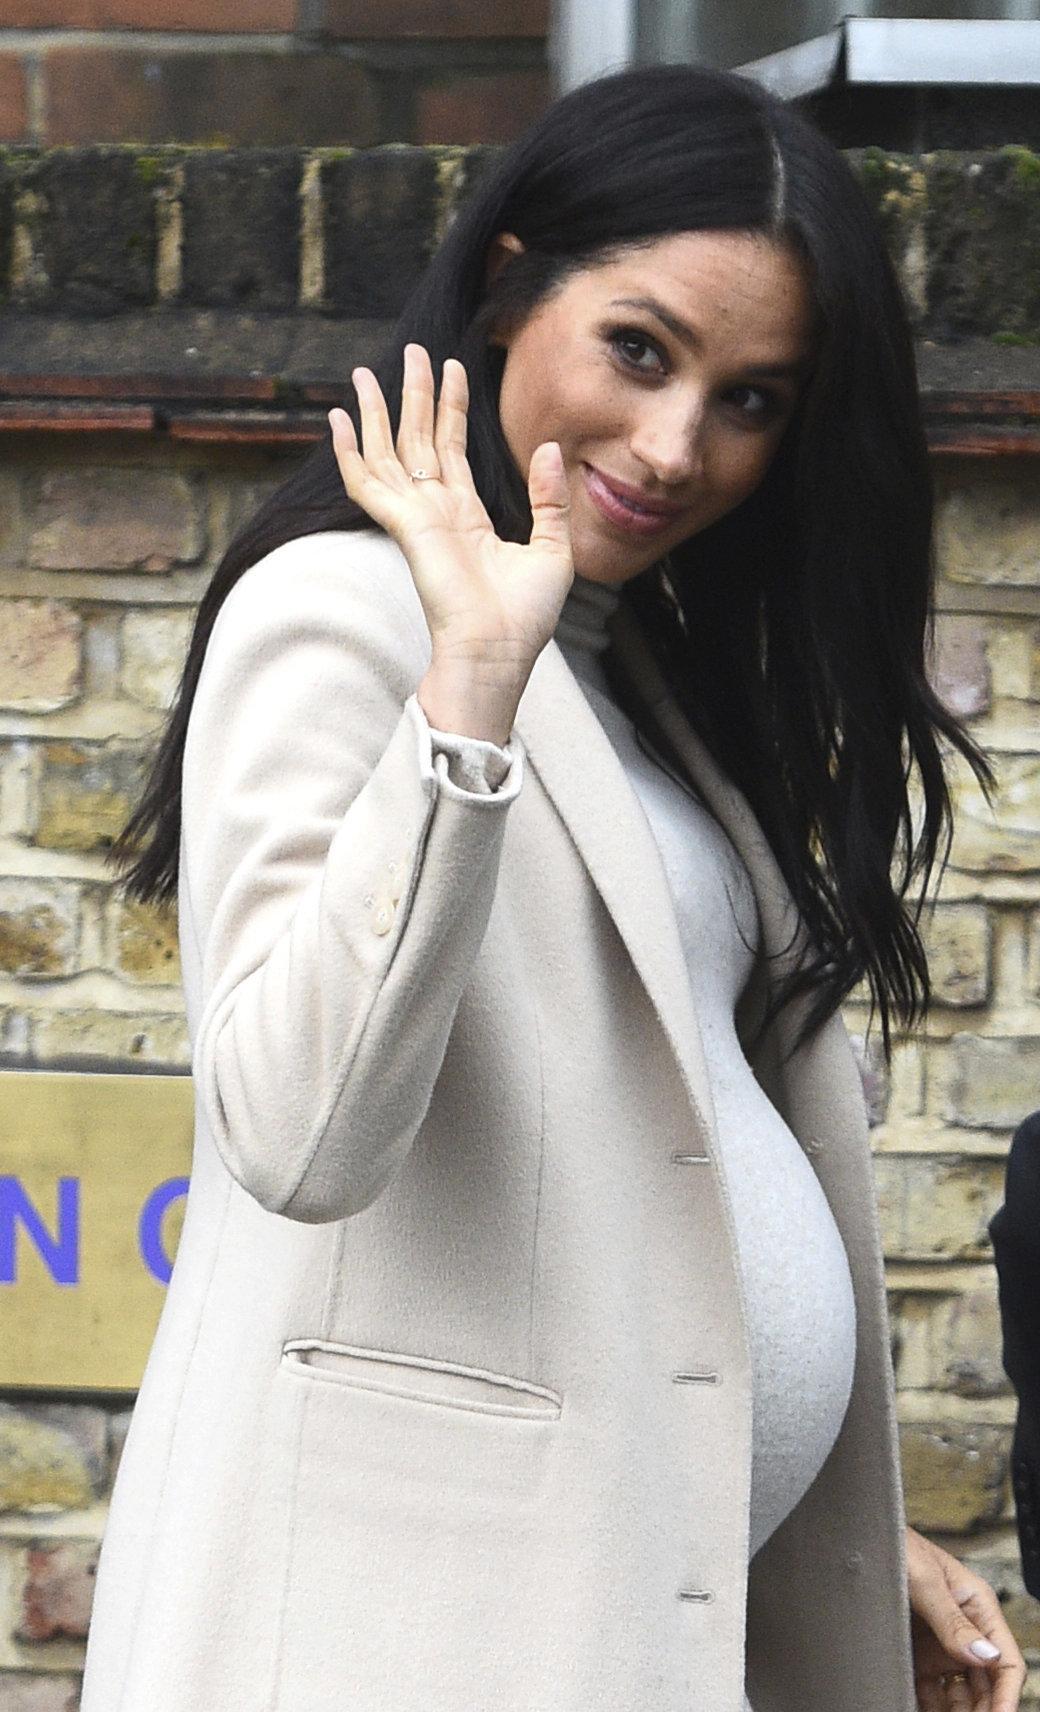 Φοράει η Μέγκαν Μάρκλ ψεύτικη κοιλιά εγκυμοσύνης; Οι φήμες